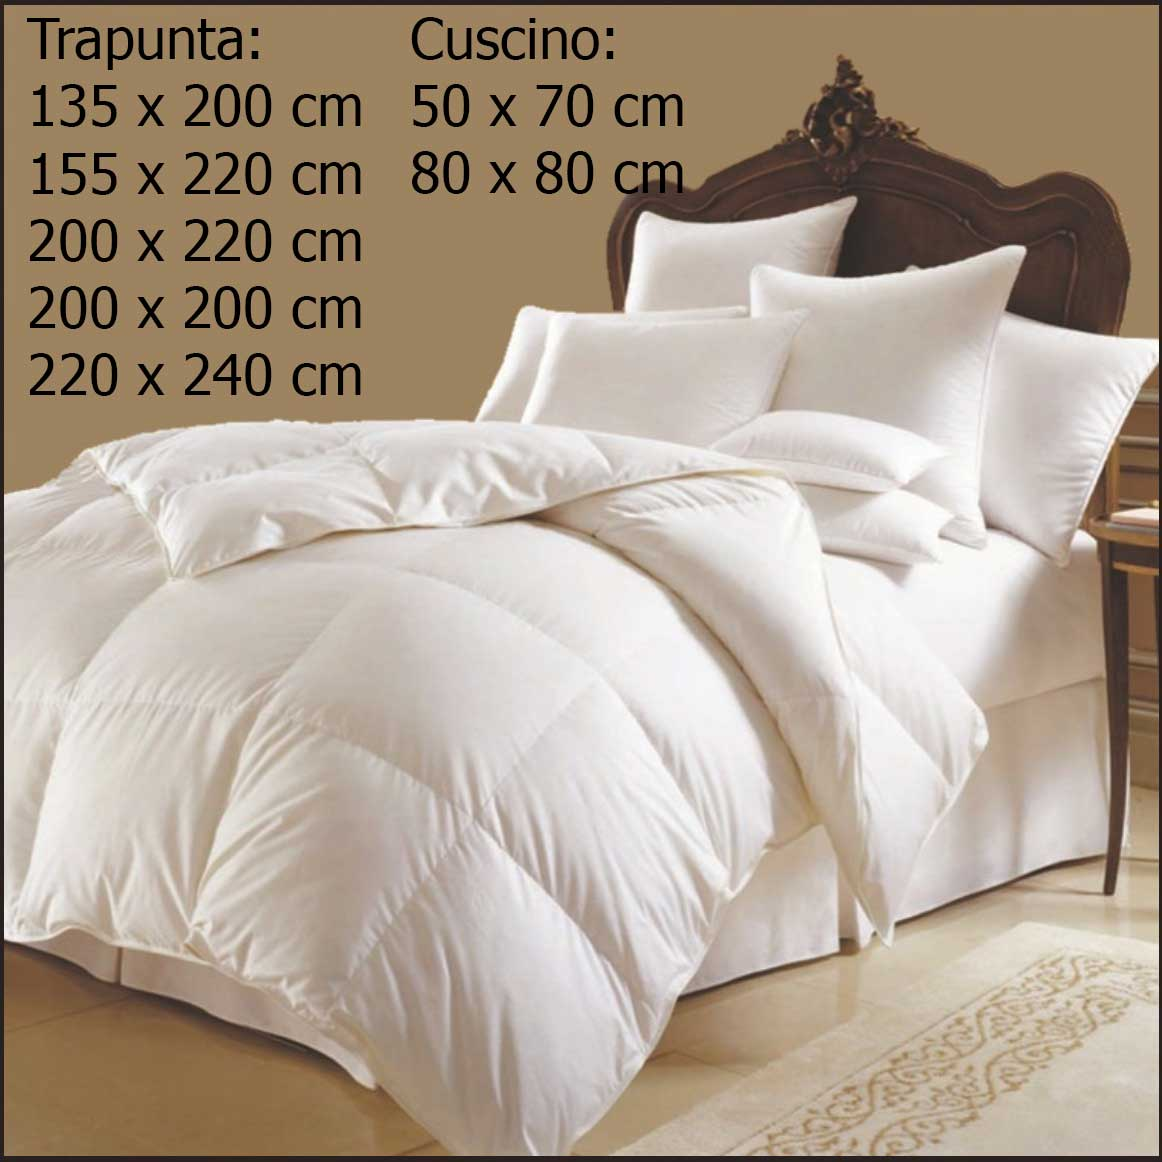 Lusso piumino per letto cuscino cotone matrimoniale - Piumoni per letto singolo ...